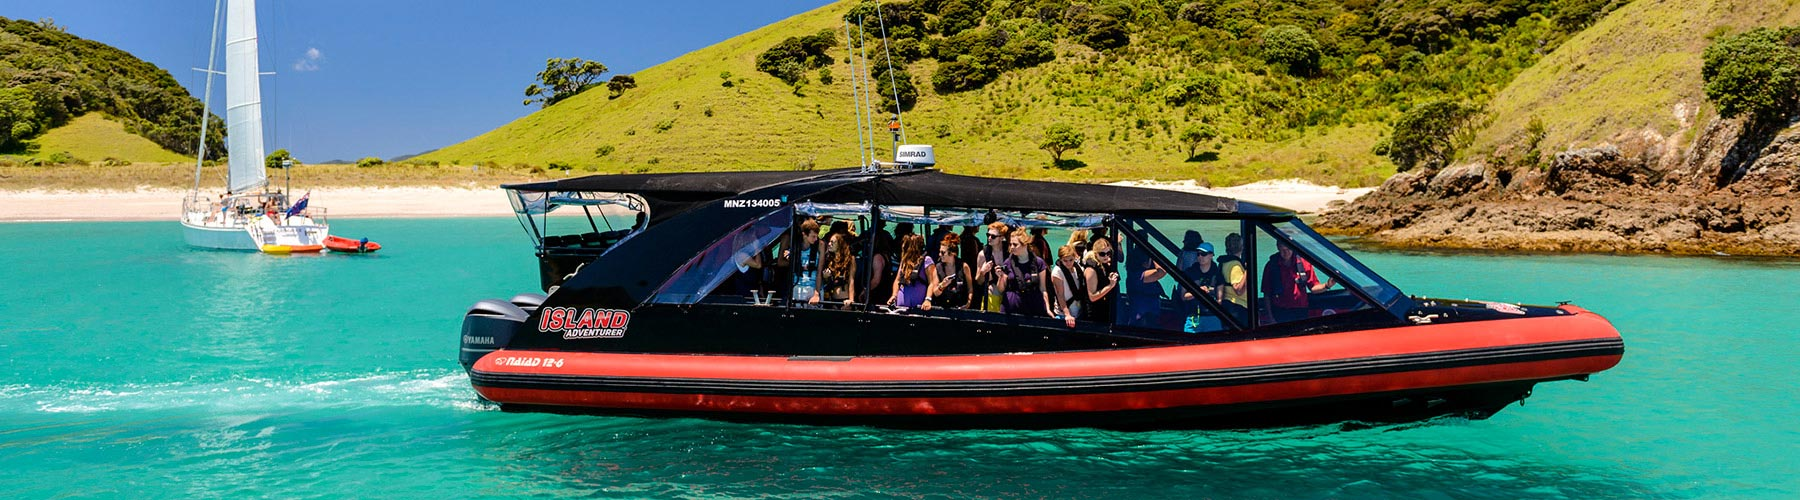 Water-Activities Bay of Islands